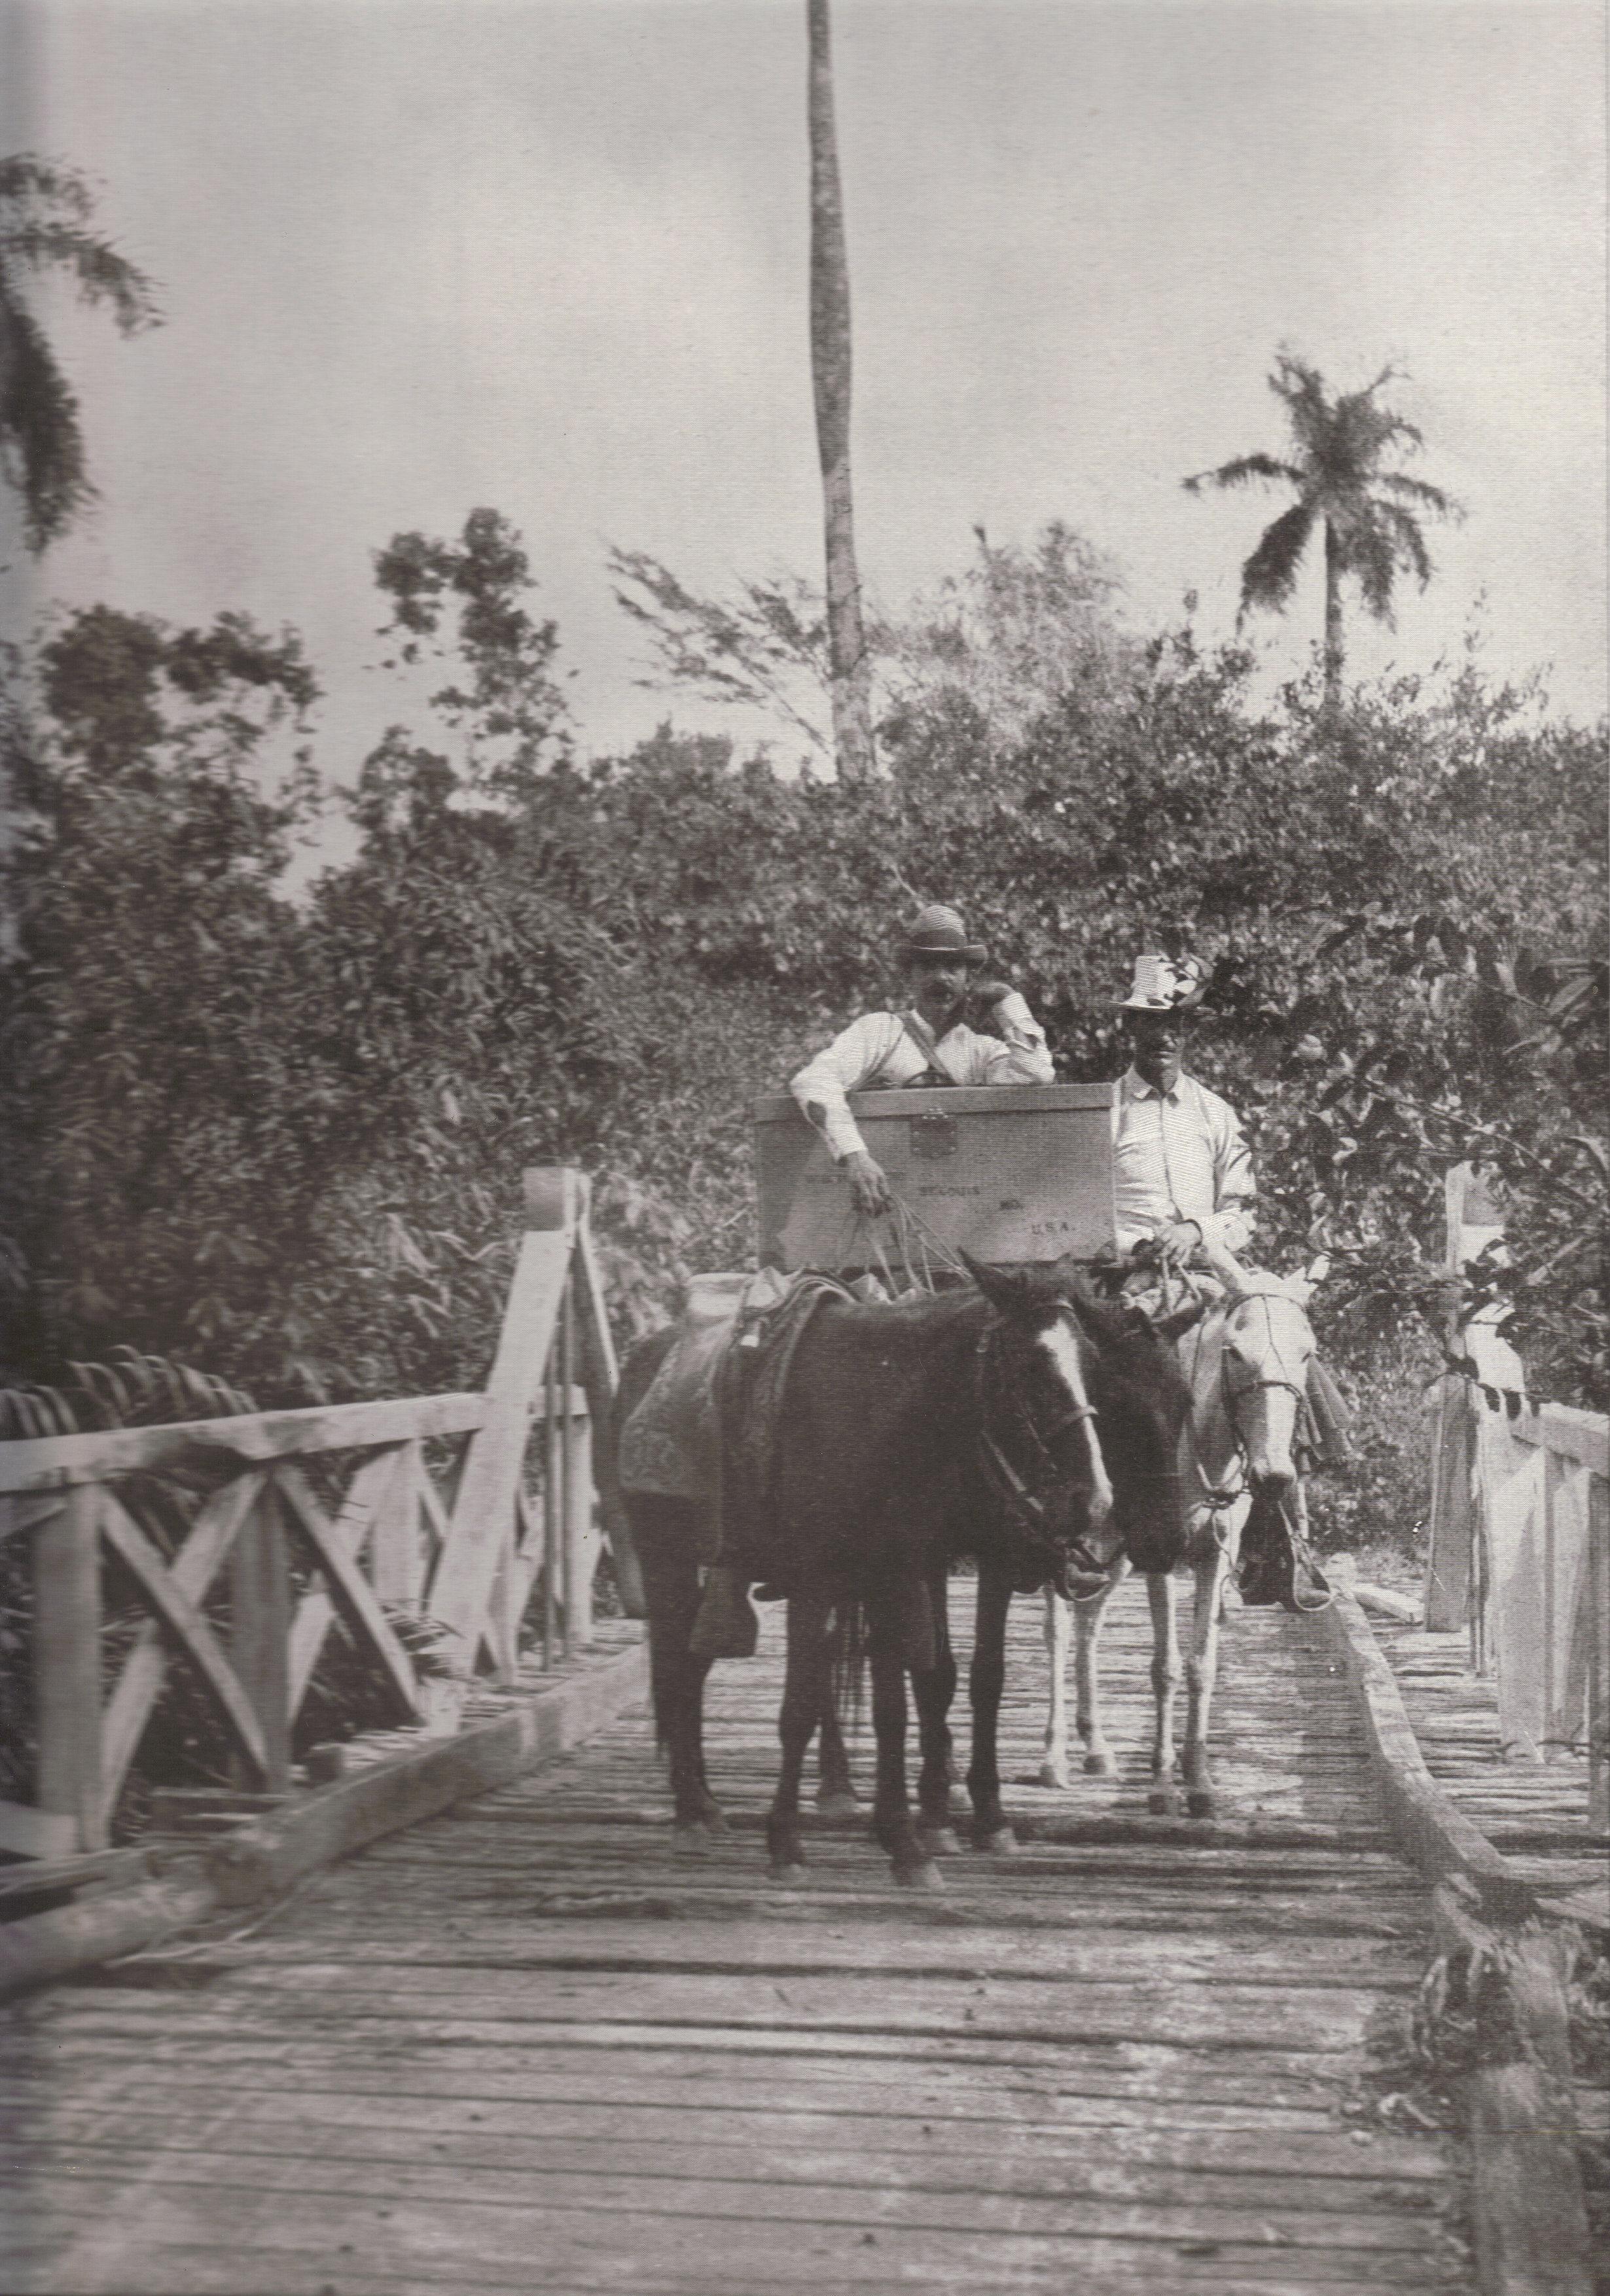 Bridge Across The Santa Fe River Cuba